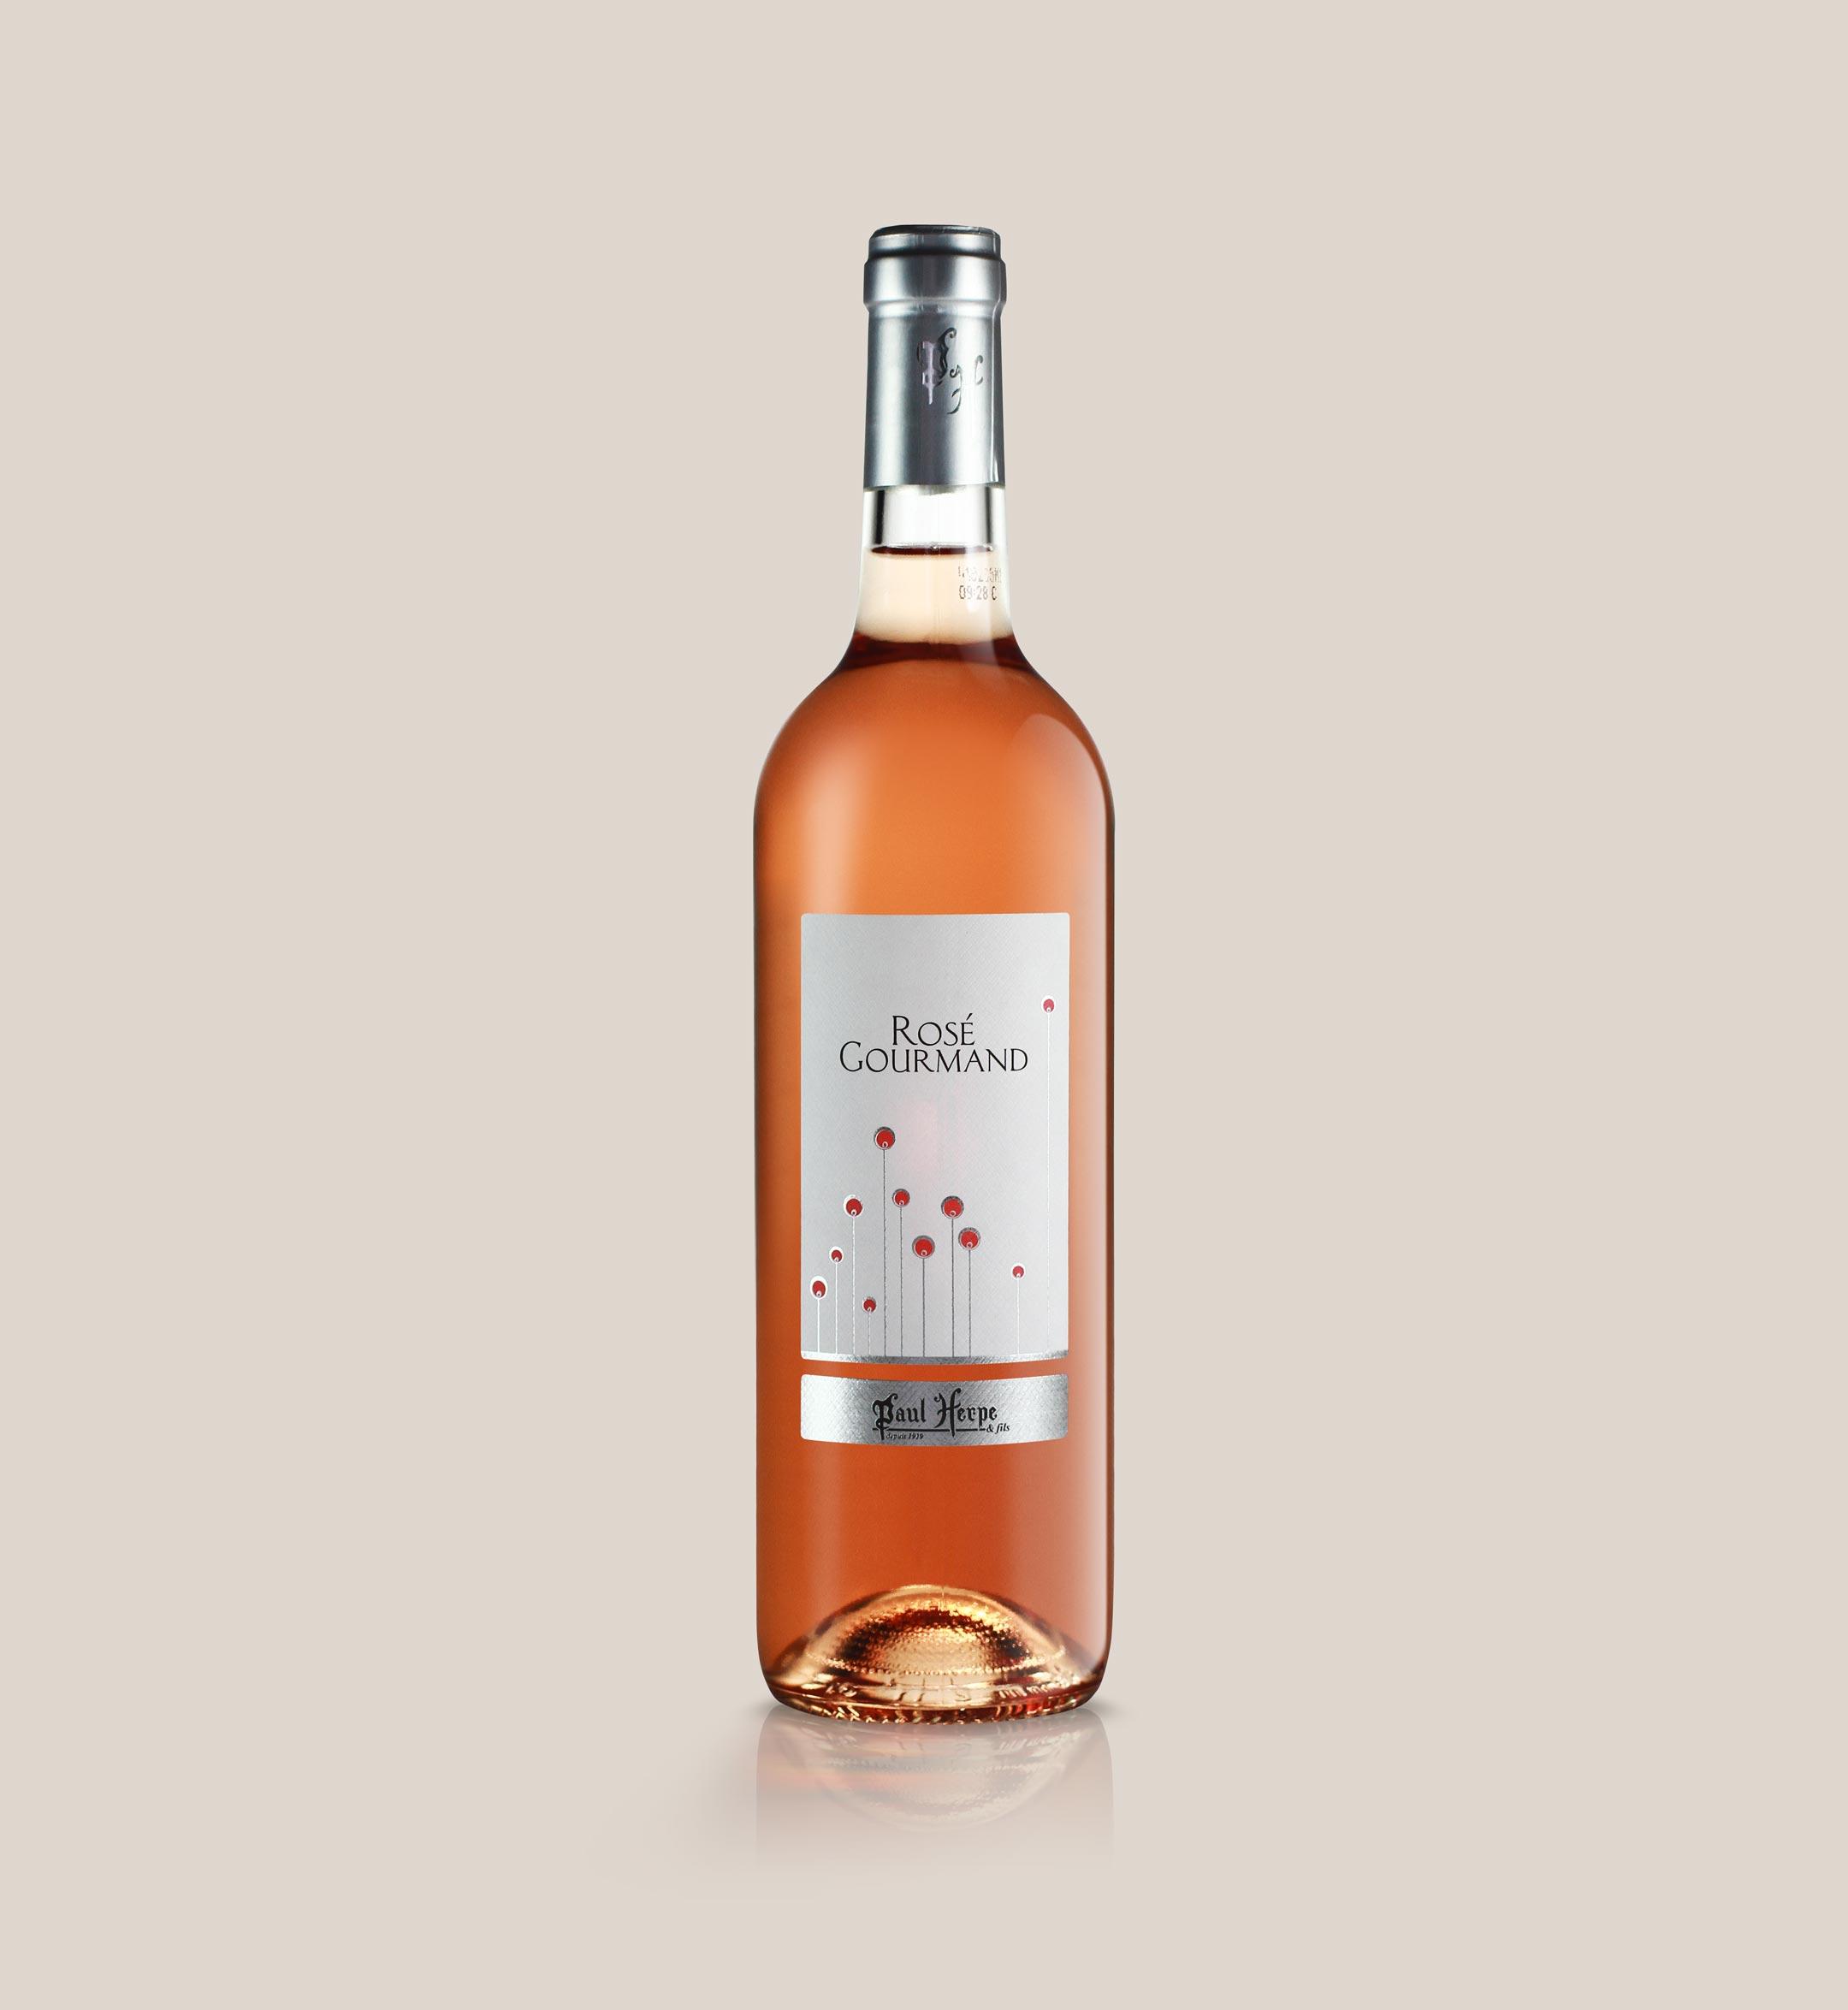 Rosé Gourmand - bouteille de vin de pays d'oc Paul Herpe